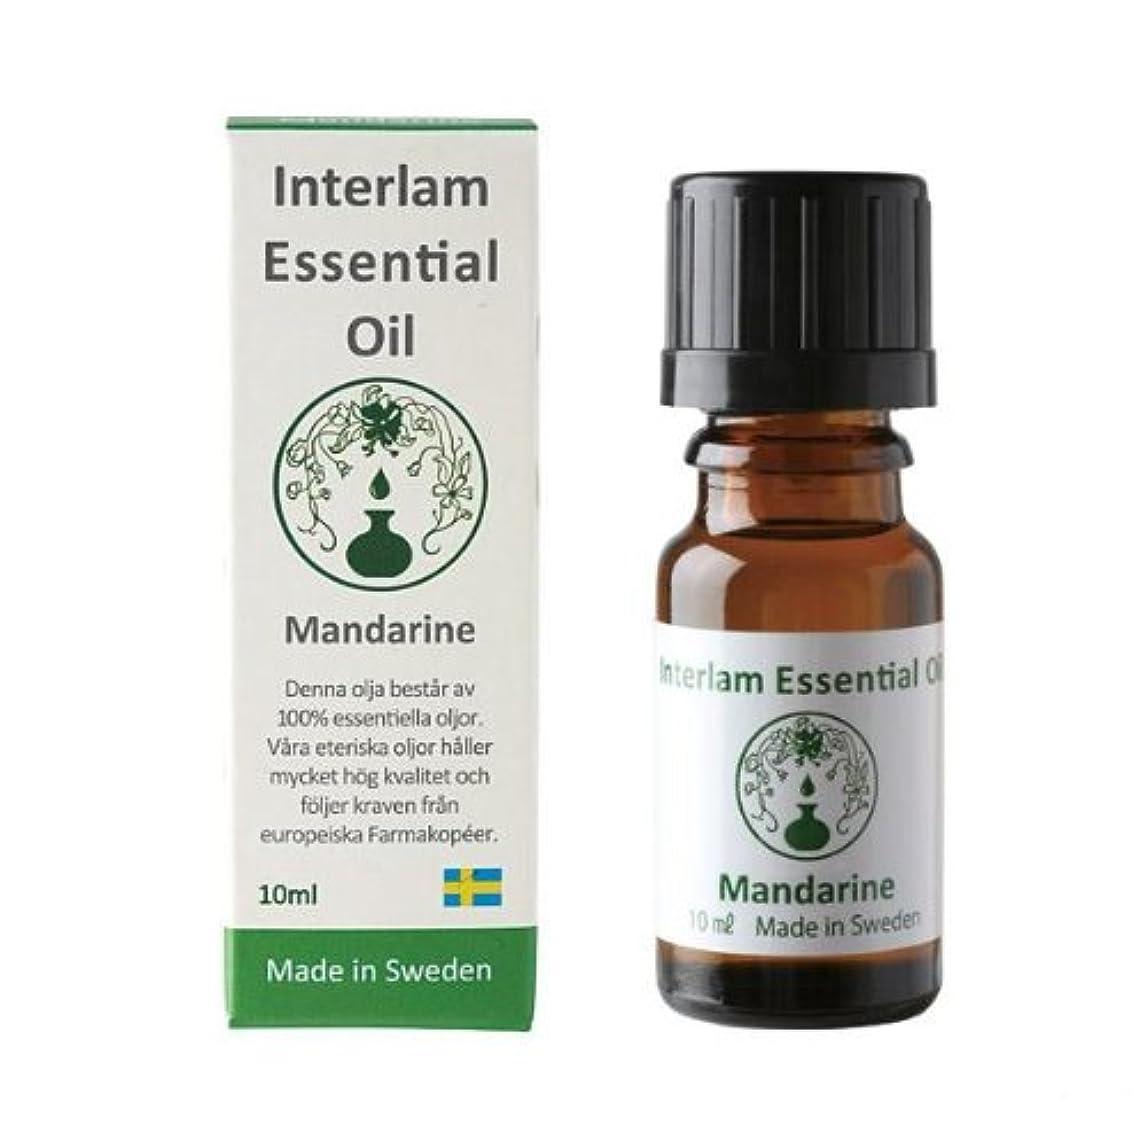 誤過敏な名門Interlam Essential Oil マンダリン 10ml